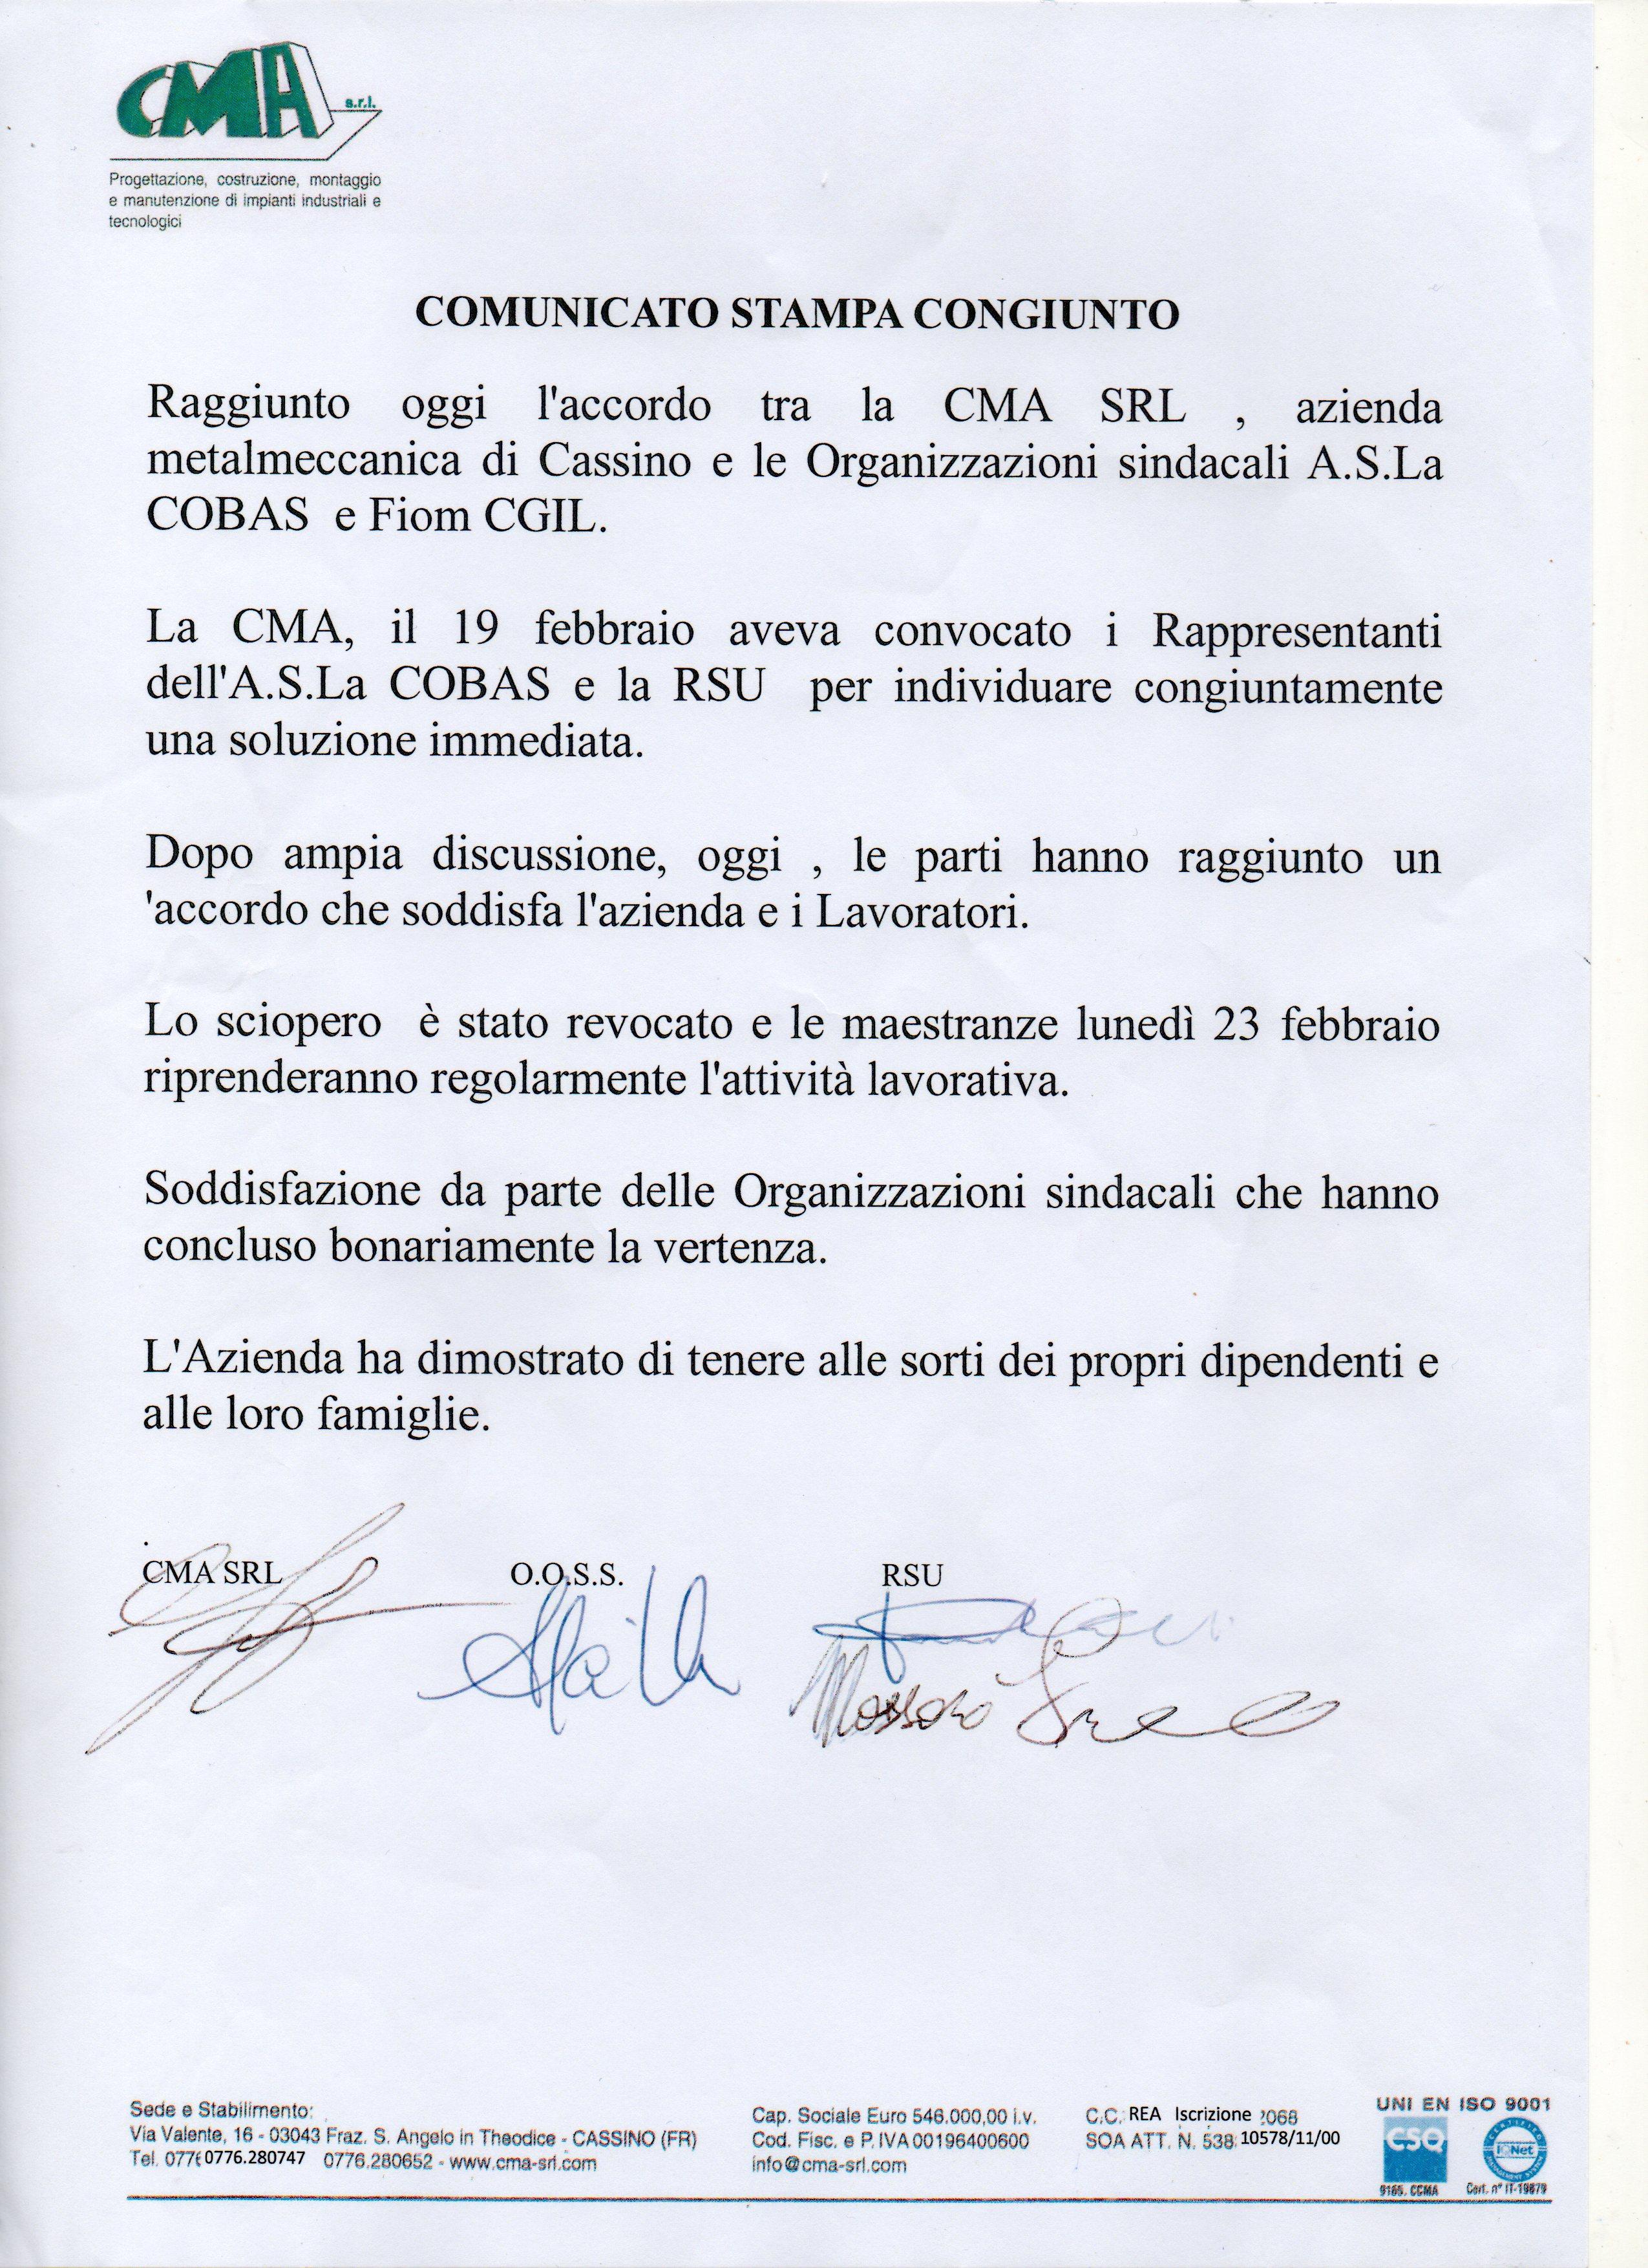 COMUNICATO CONGIUNTO CMA001